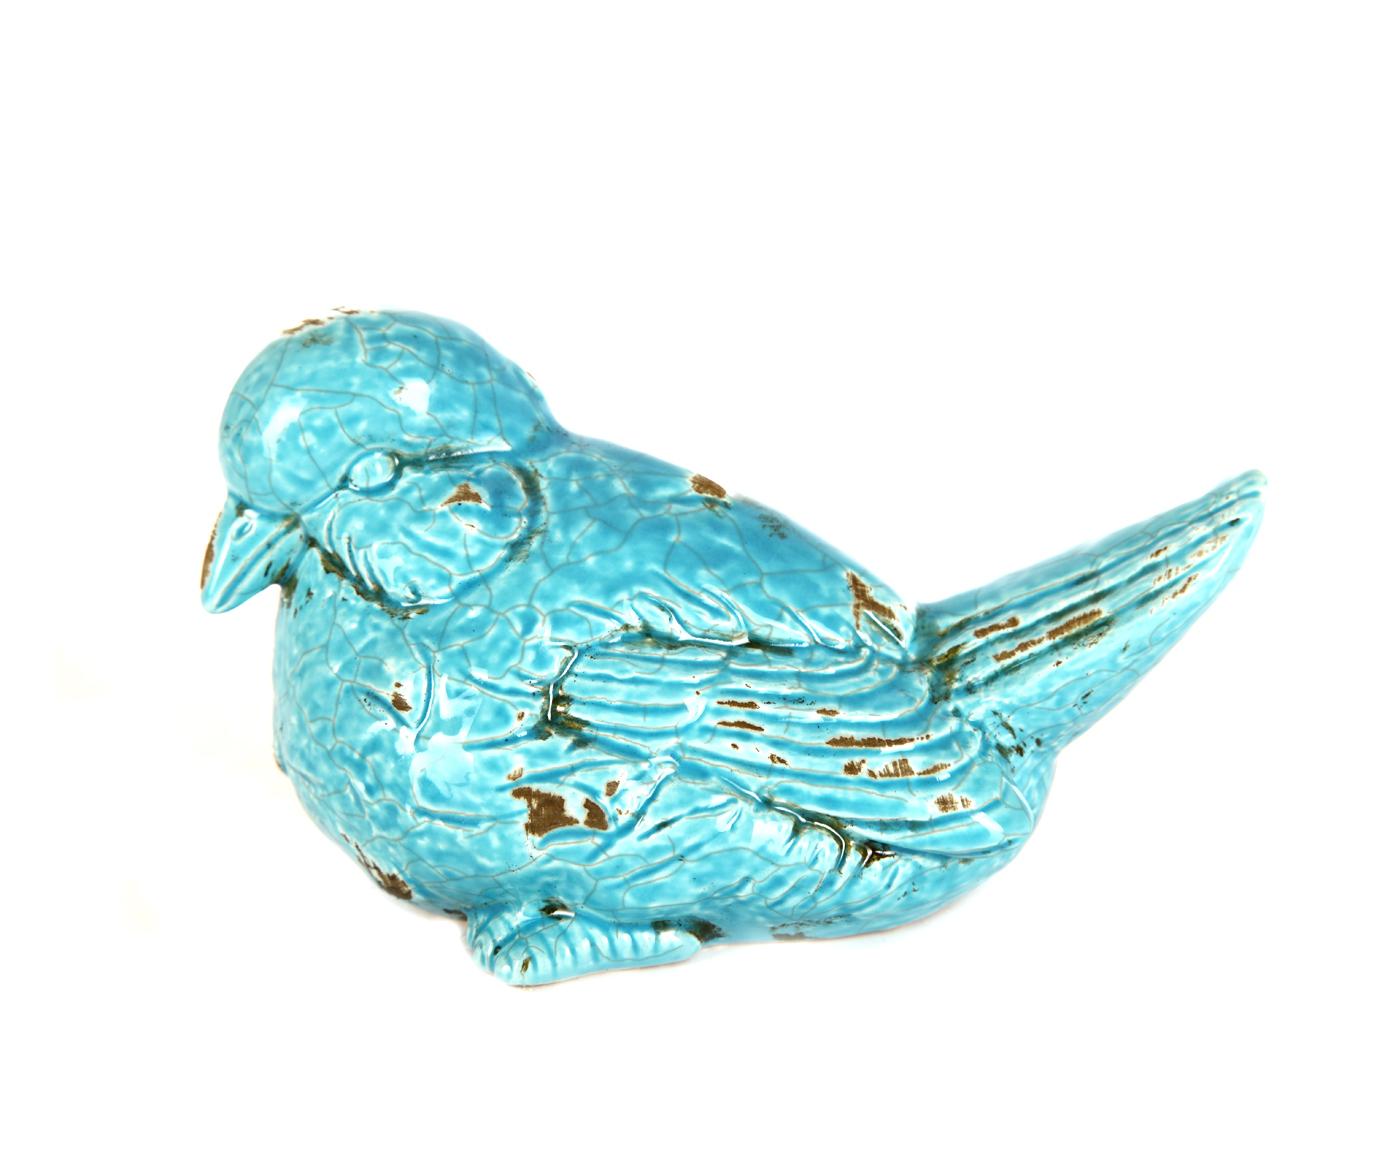 Статуэтки Элитная статуэтка Птичка Craquelure голубая левая от Sporvil predmet-dekora-ptichka-craquelure-goluboy-levyy-ot-sporvil-portugaliya.jpg